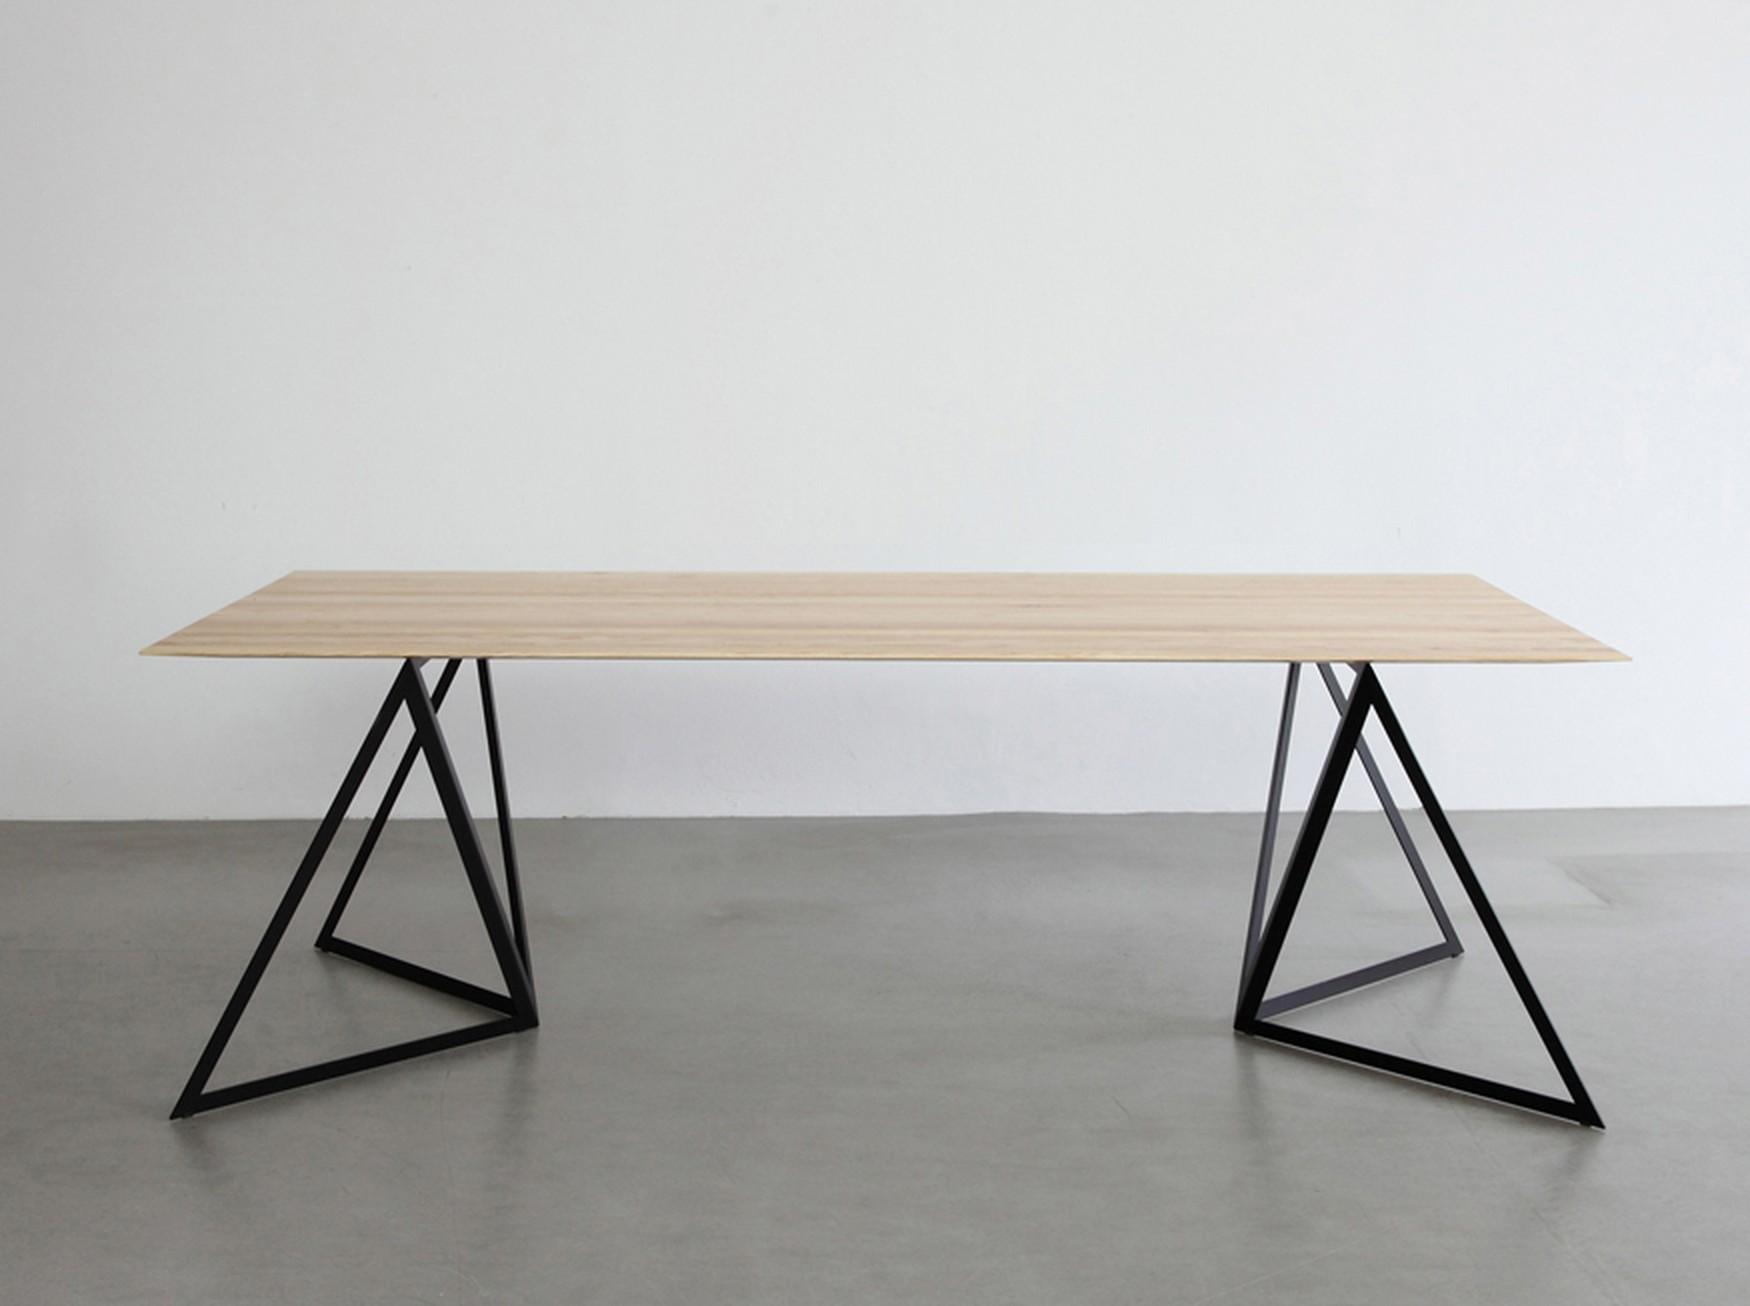 Pied table metal 2 blog d co design - Pieds de table originaux ...